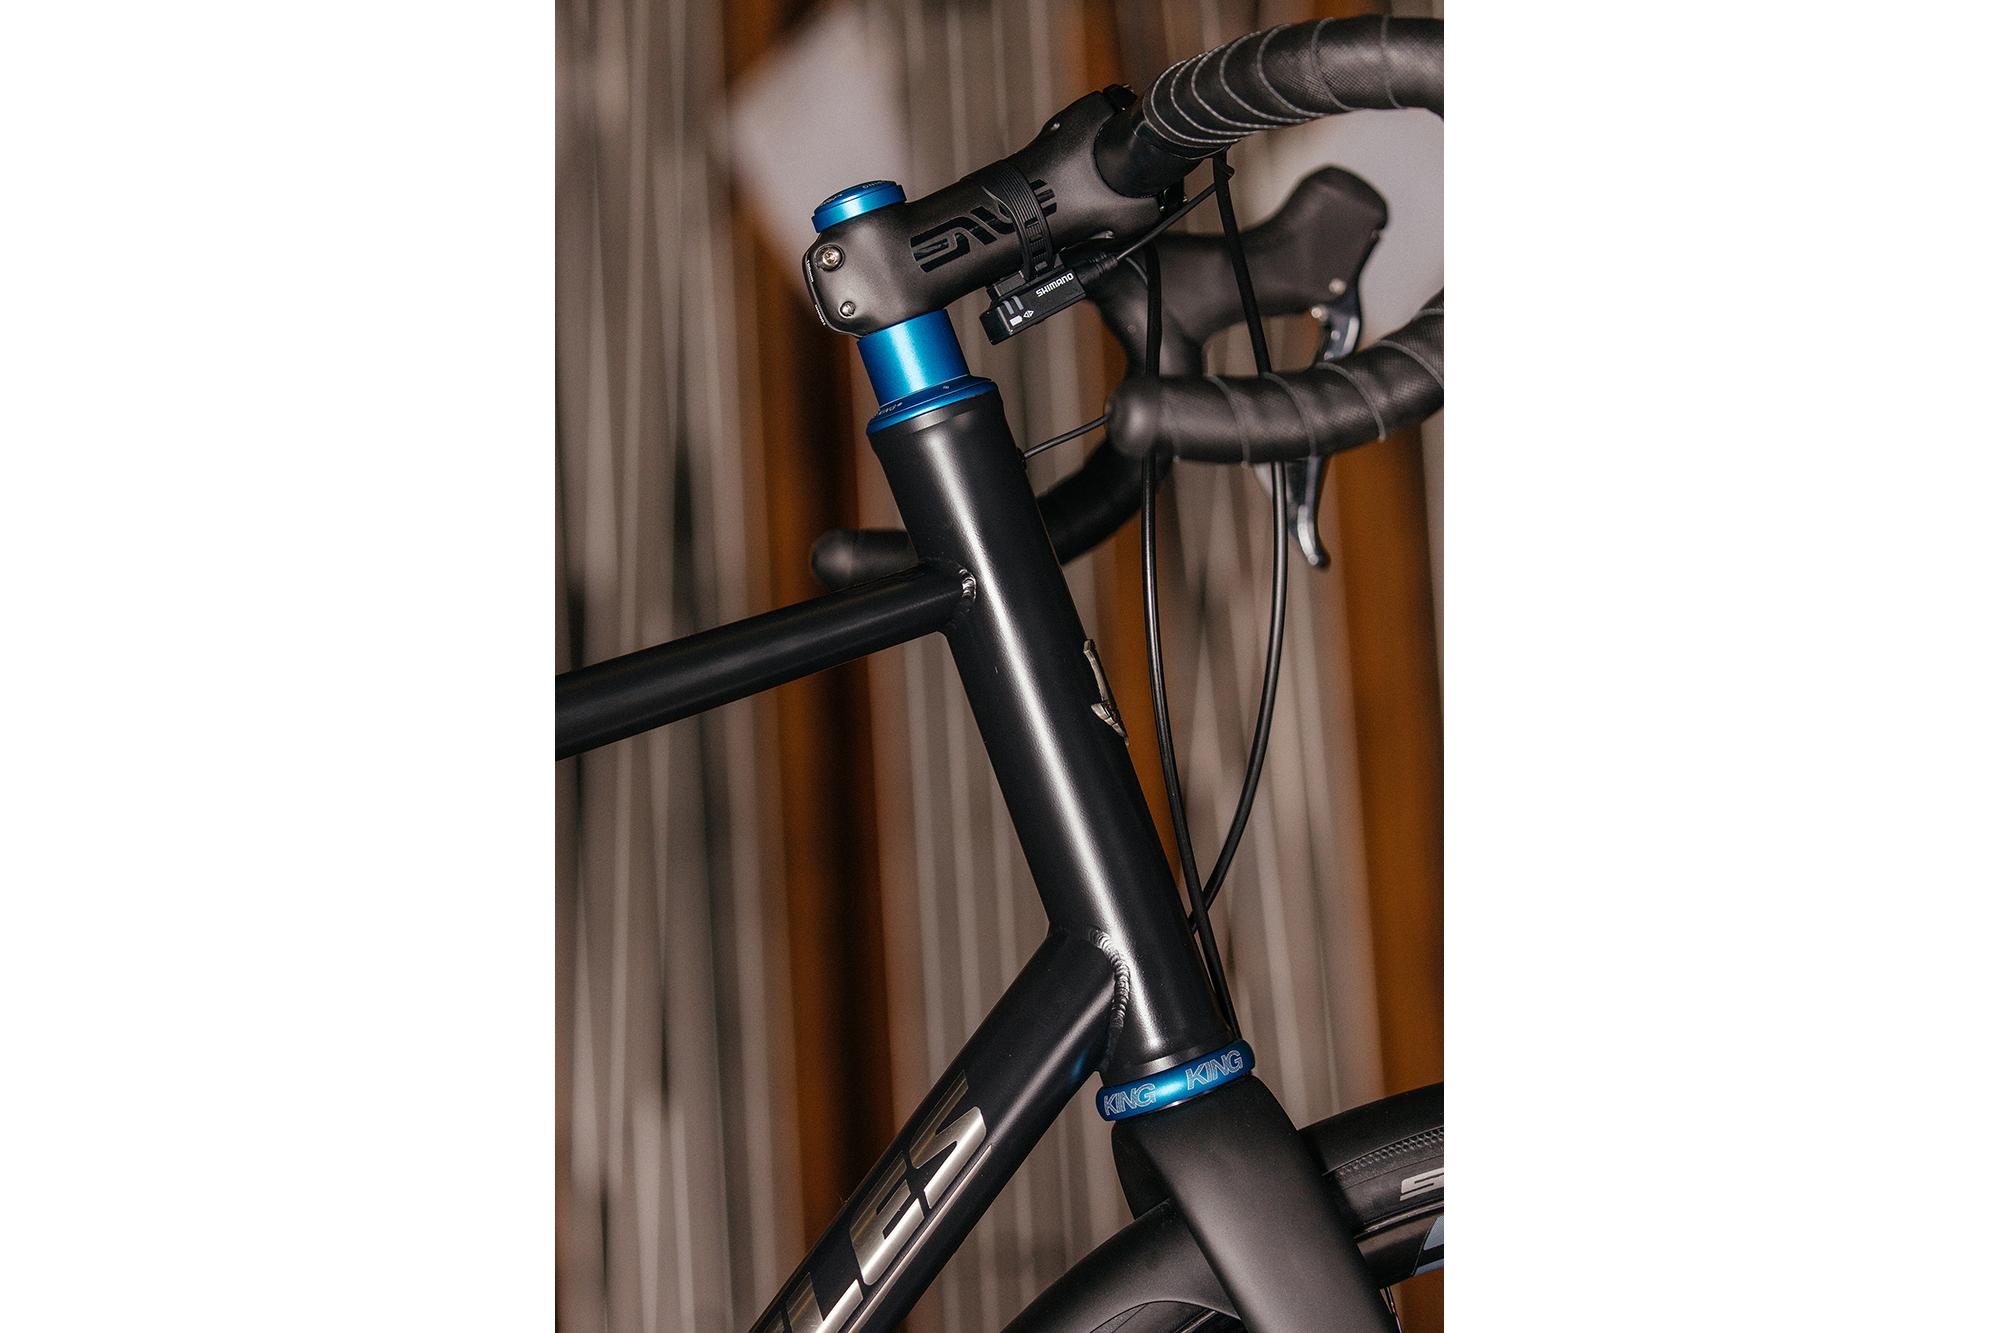 Ti Cycles